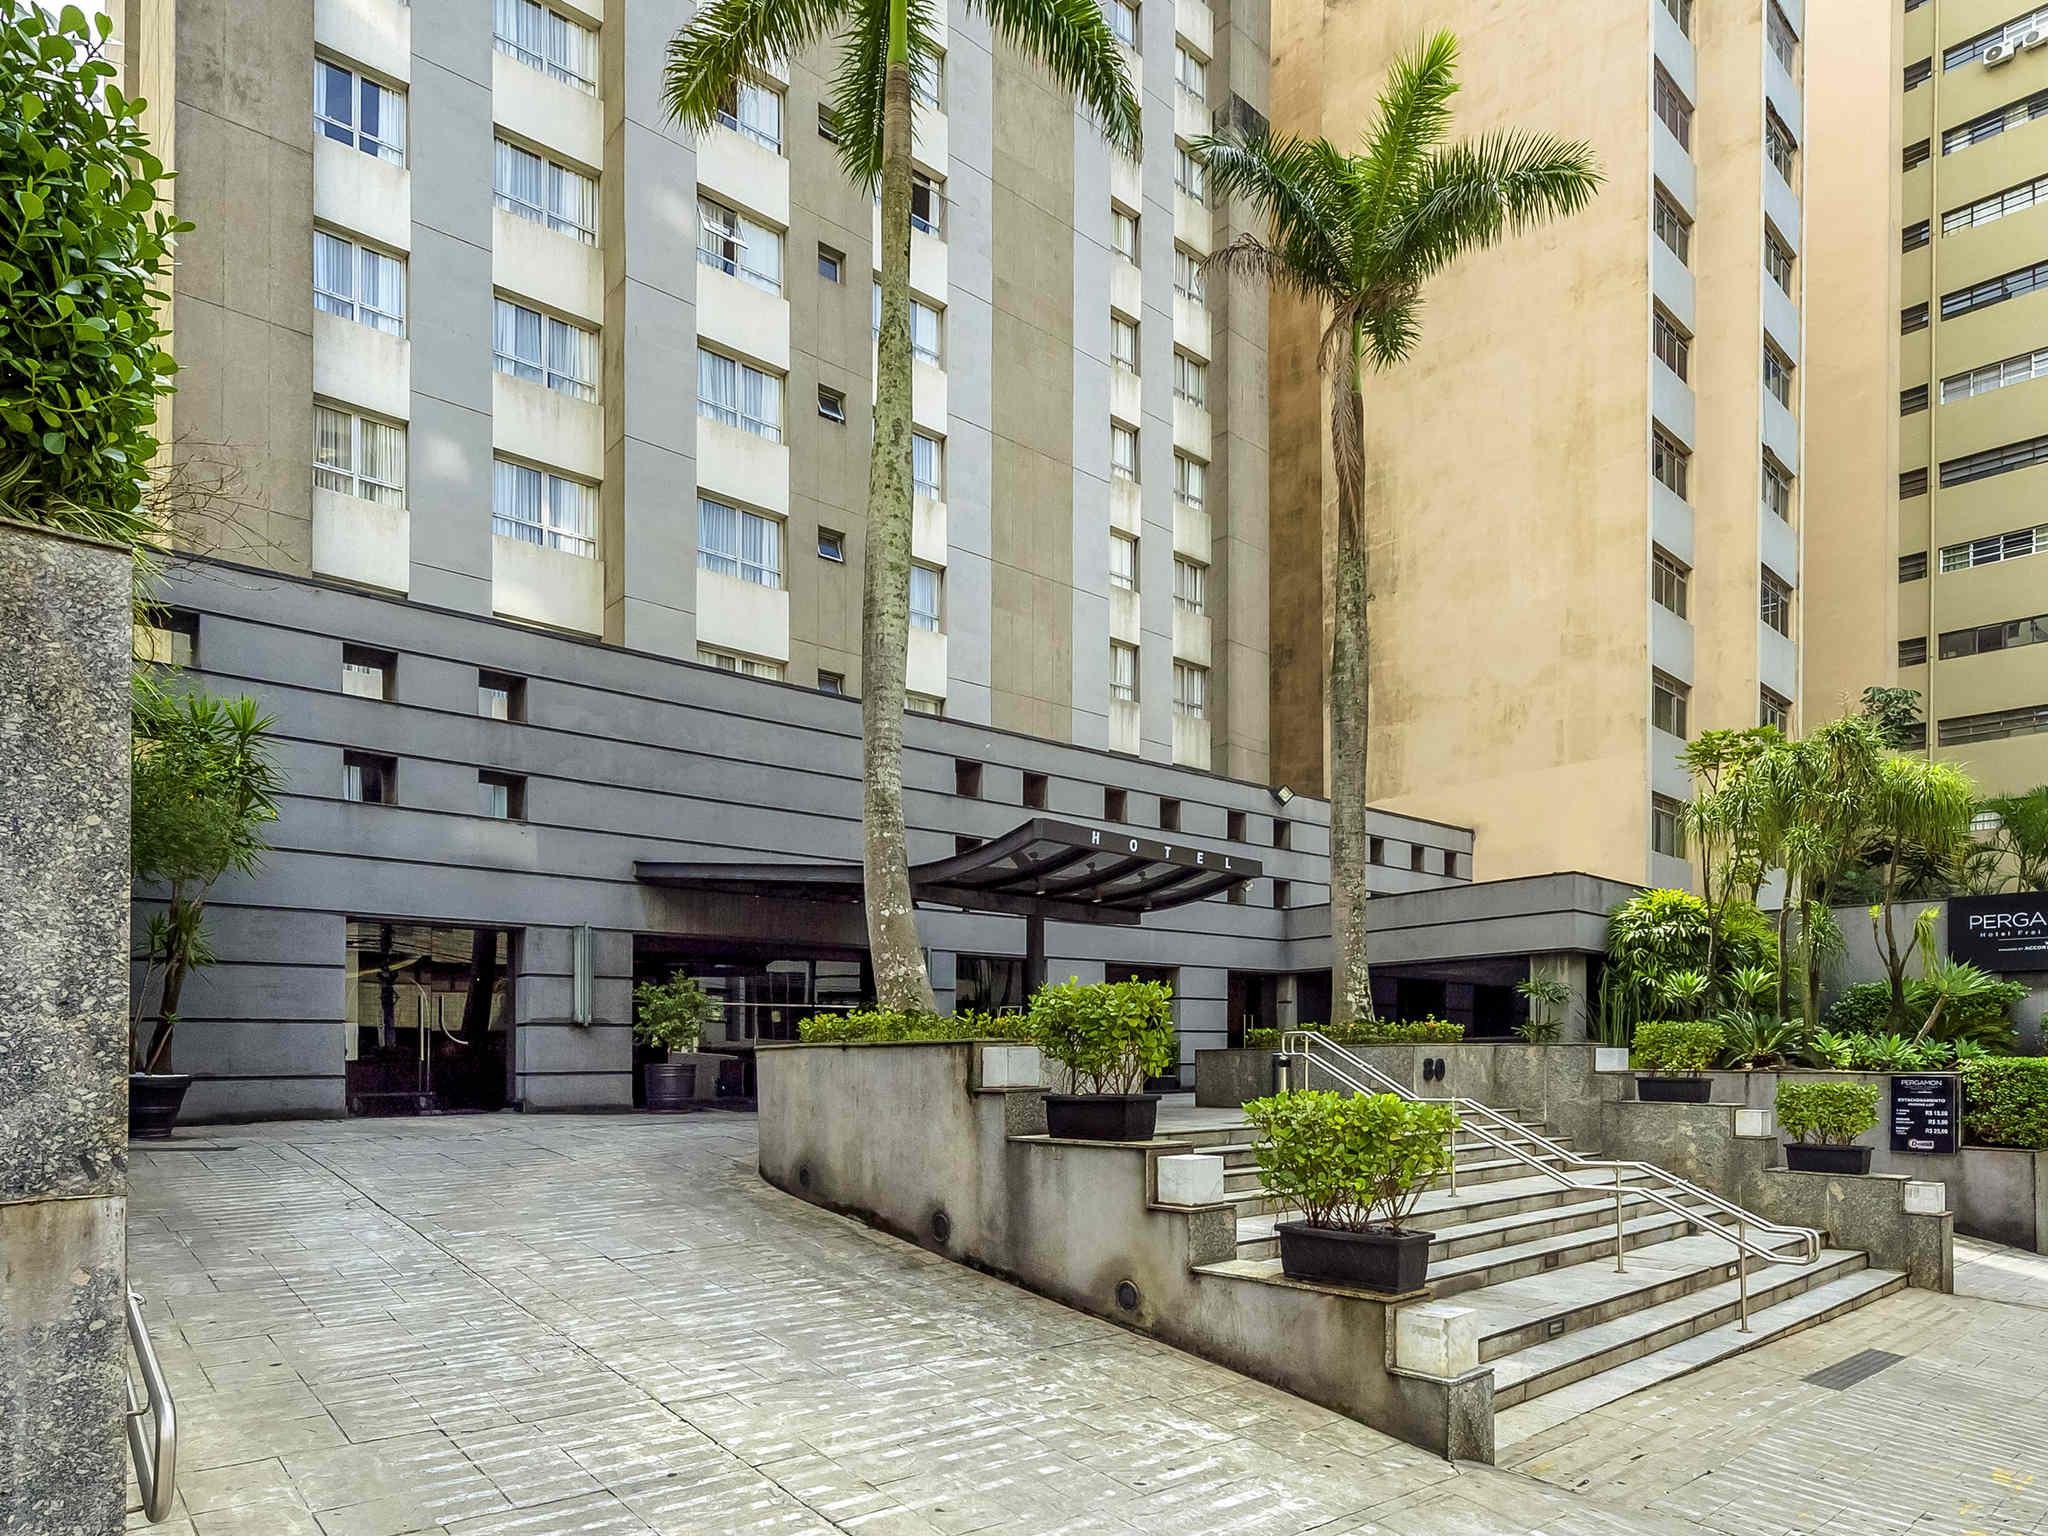 ホテル – ペルガモン ホテル フレイ カネカ マネージド by アコーホテルズ